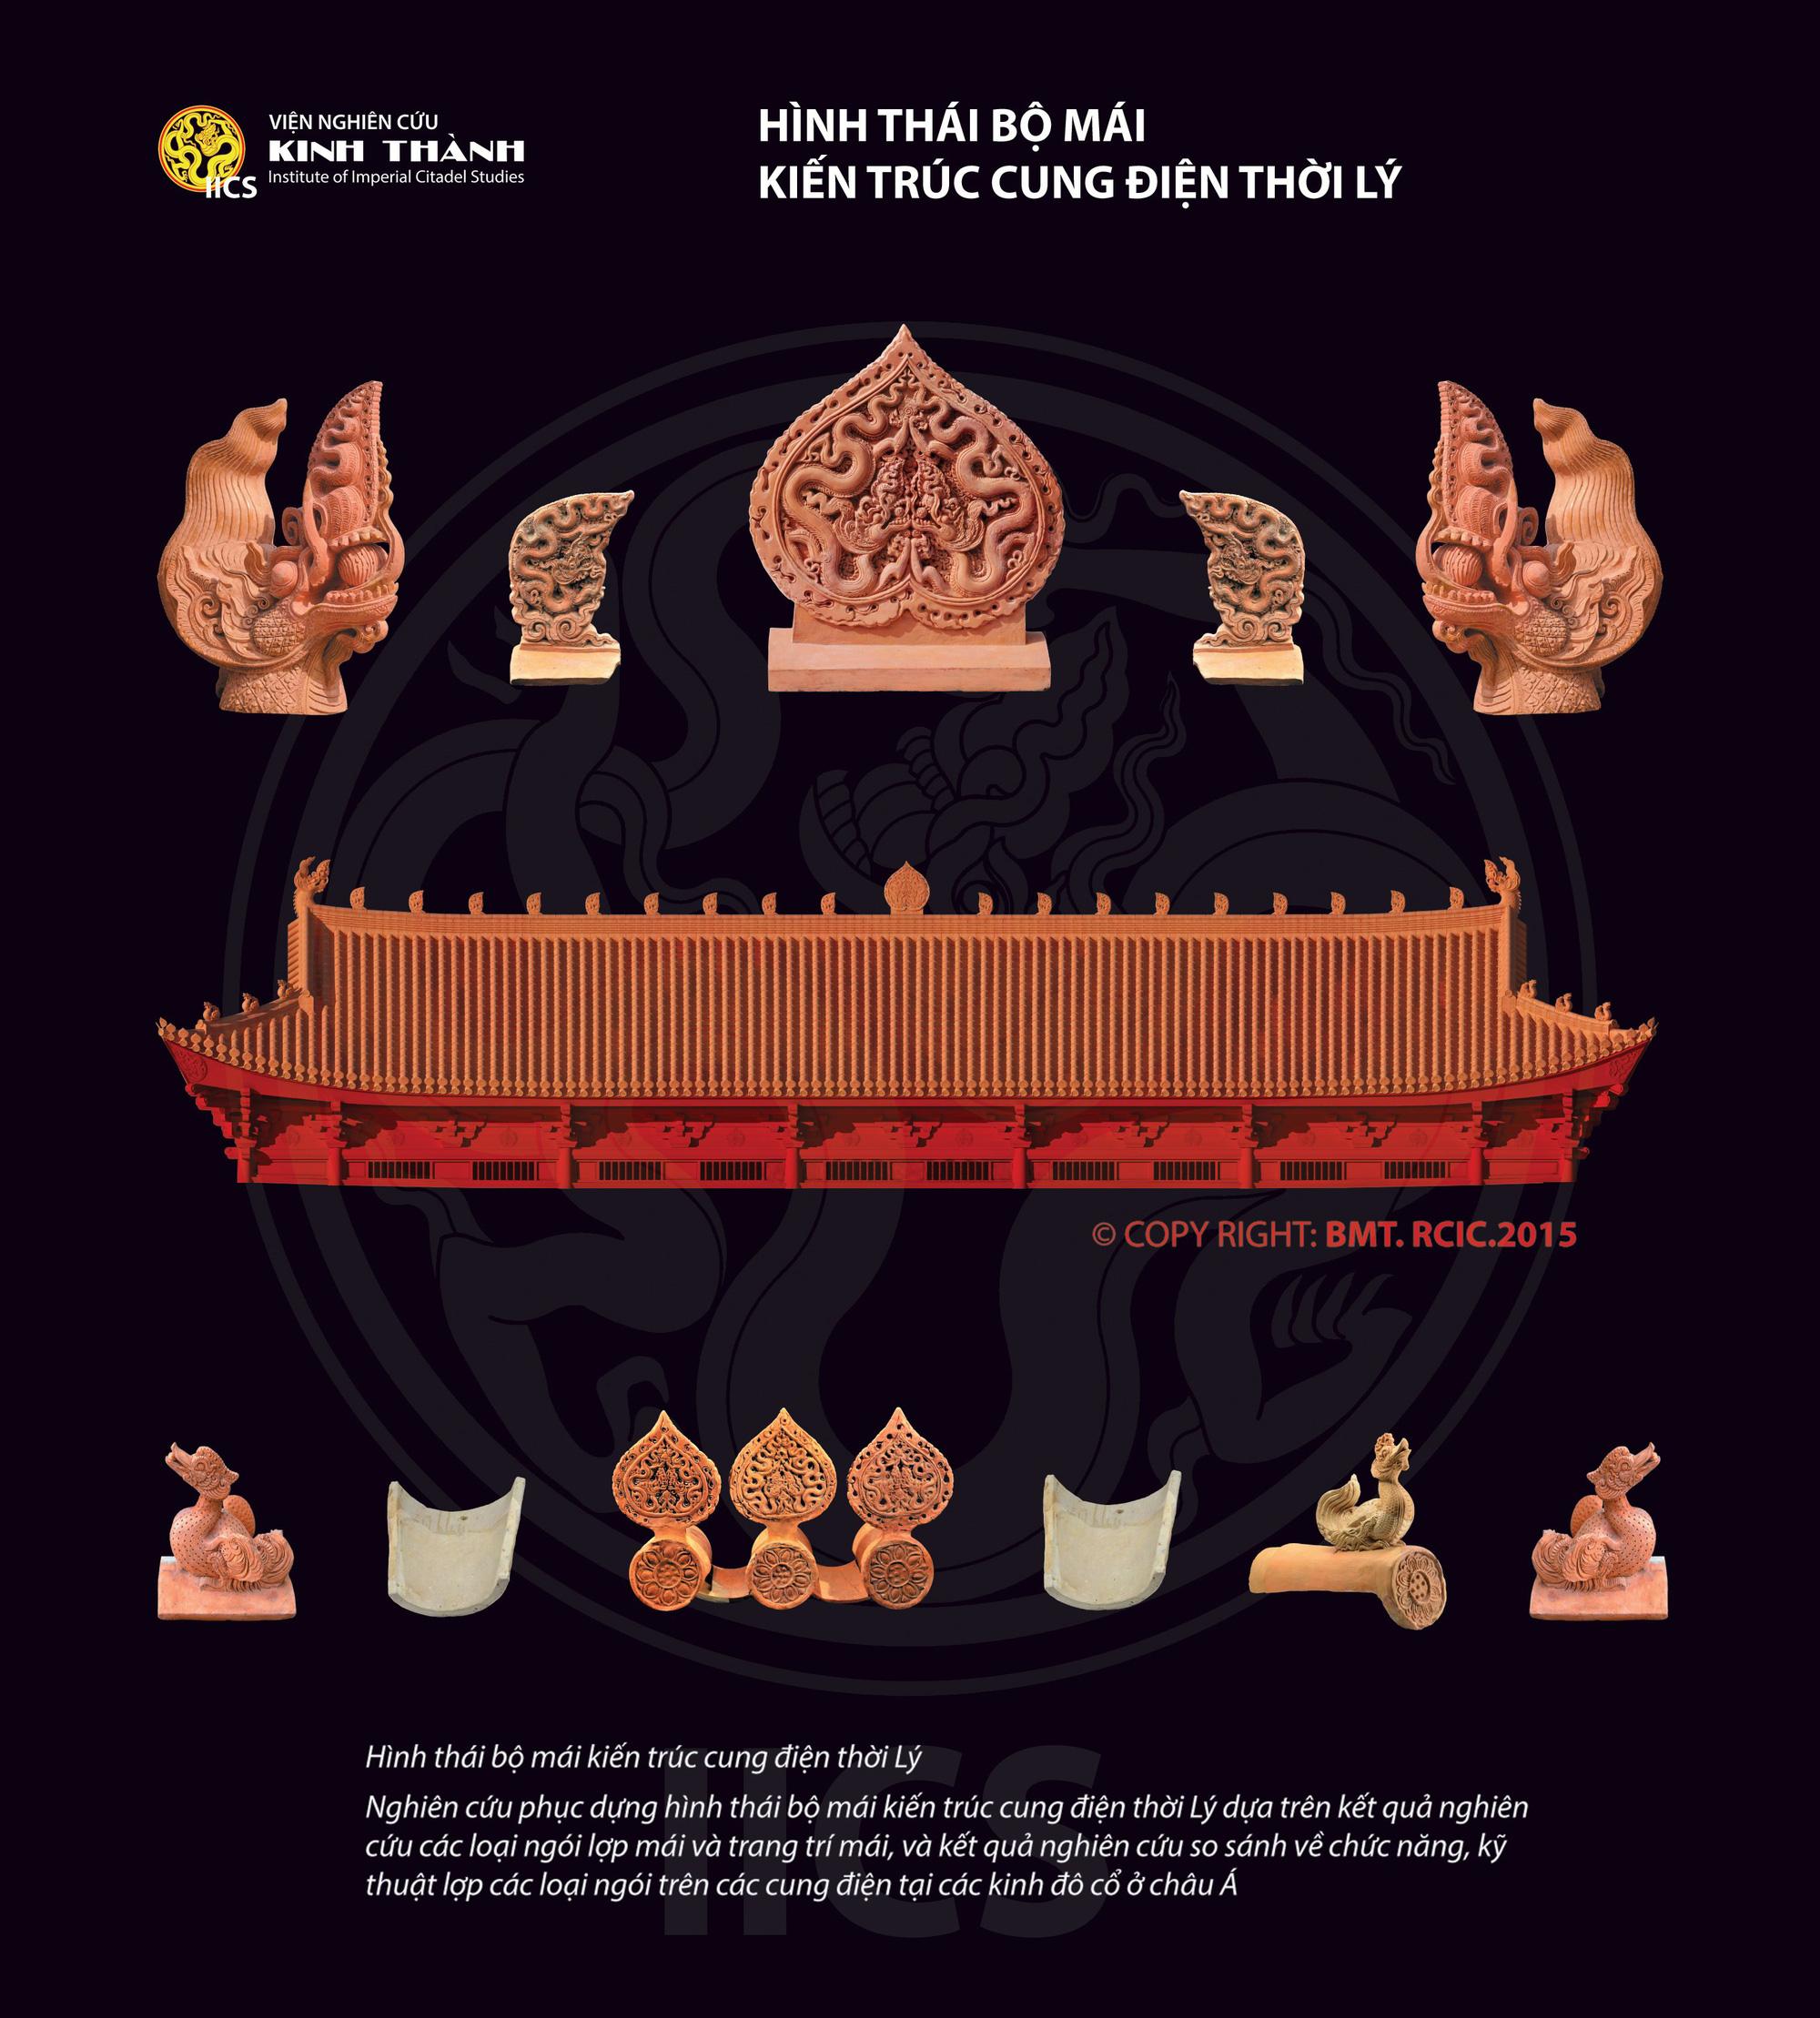 """Phát hiện """"chấn động"""" về cung điện thời Lý: Tiếp tục giải mã cung điện thời Đại La, Đinh – Tiền Lê, Trần  - Ảnh 3."""